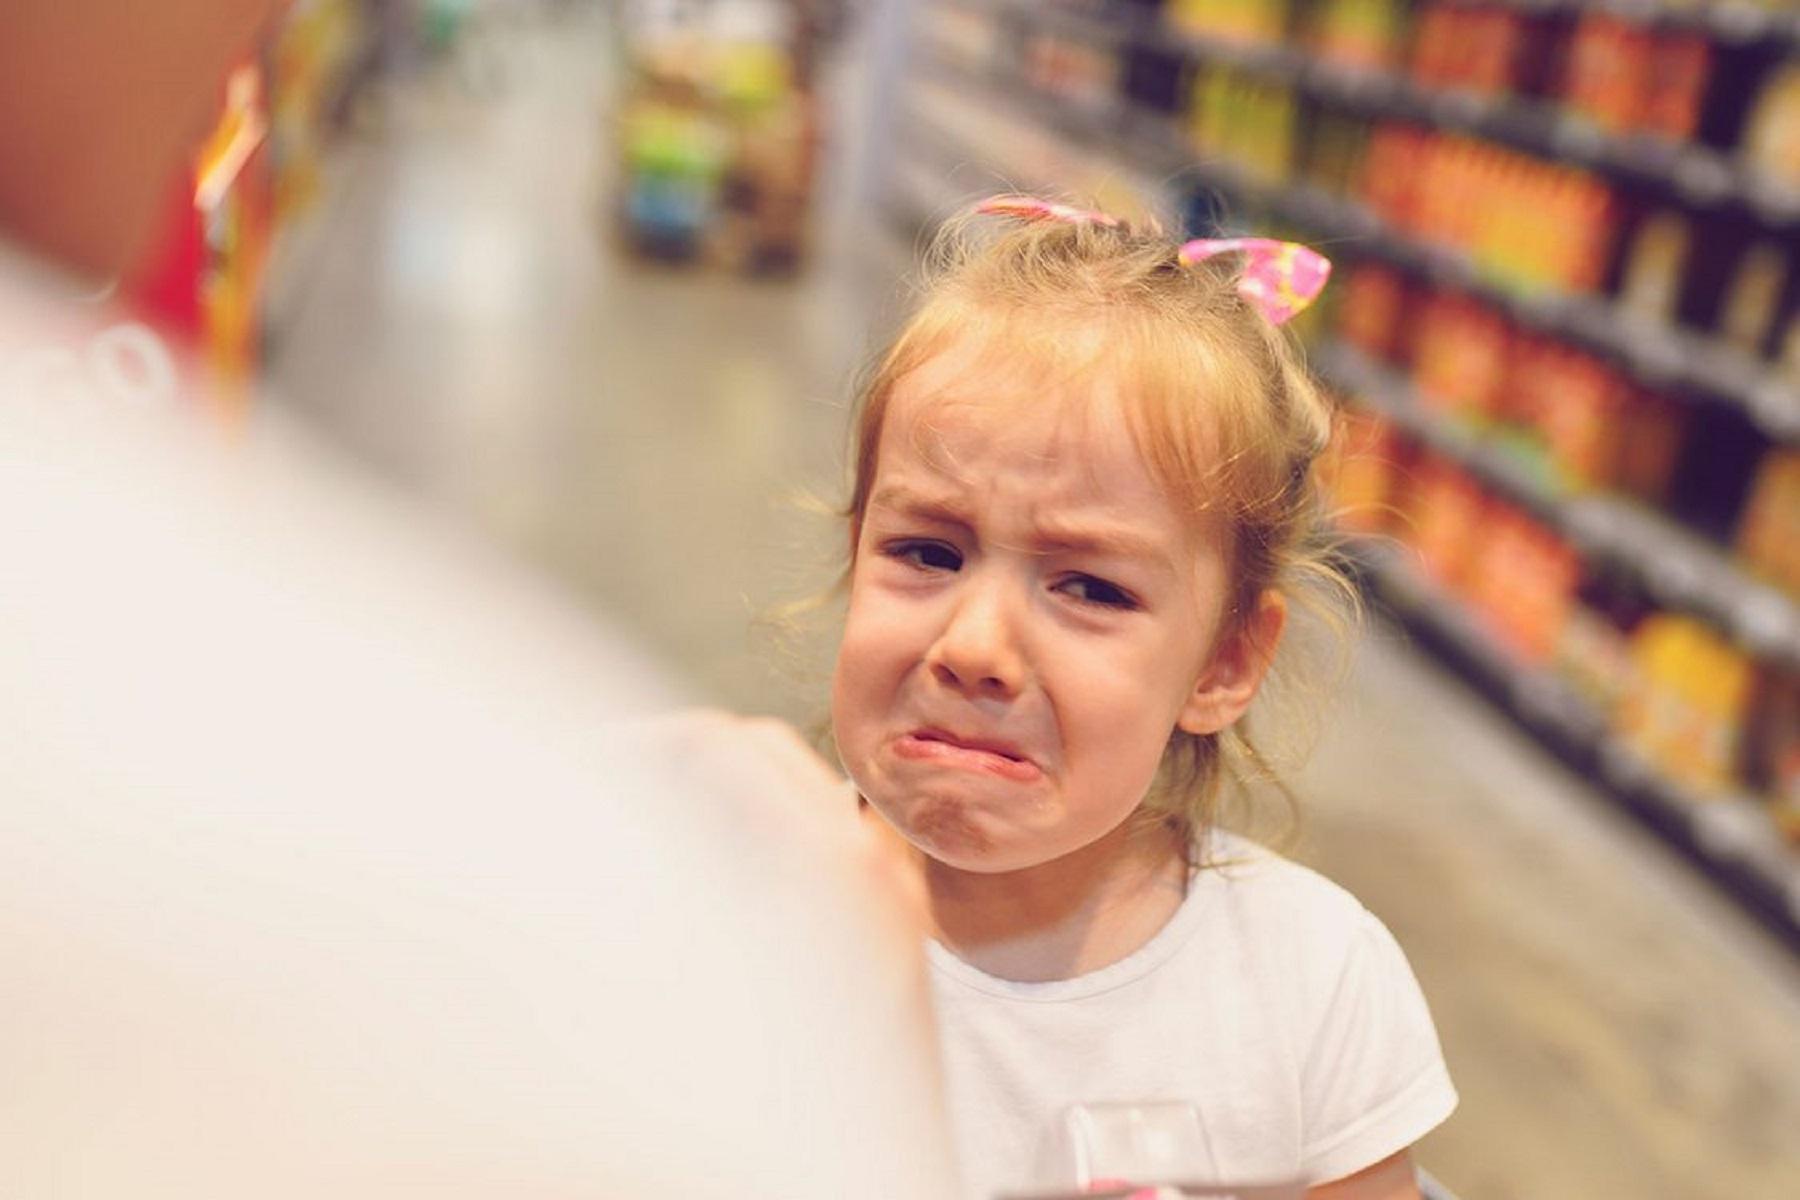 Μελέτη Καναδάς: Δεσμοί σκληρών πρακτικών των γονέων με την ανατομία του εγκεφάλου του παιδιού